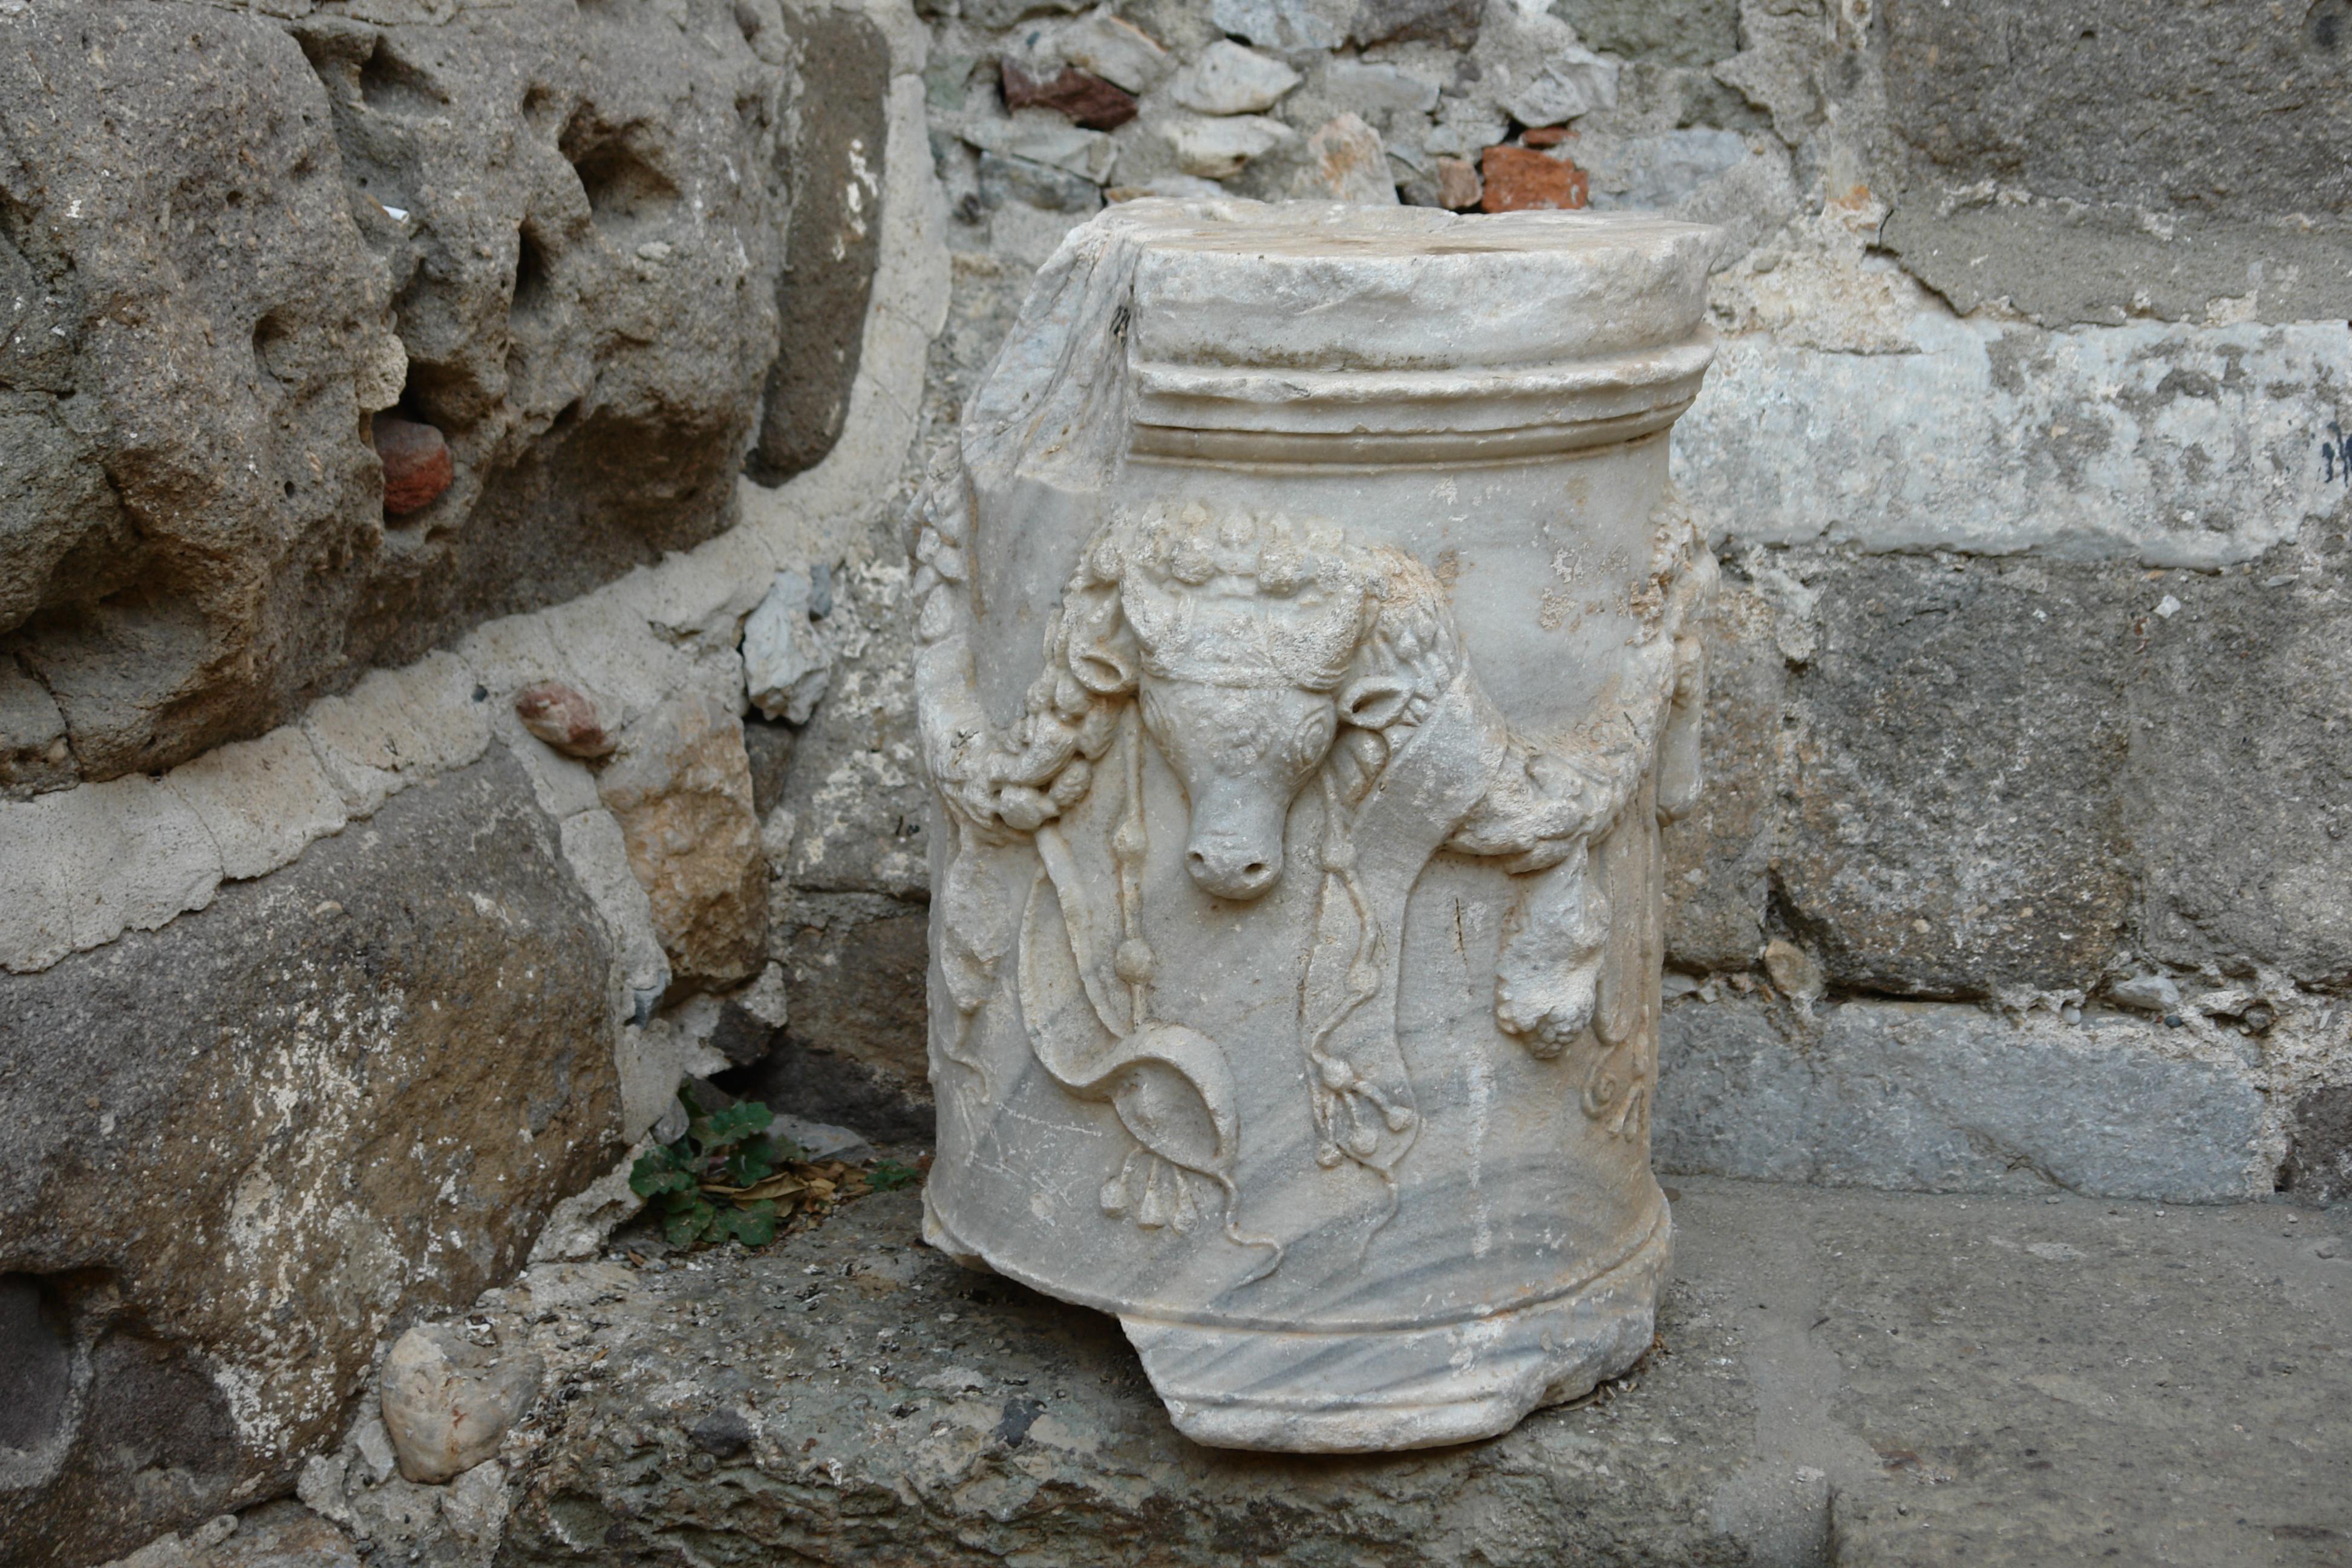 Sculpture, Antique, Artwork, Broken, Carved, HQ Photo